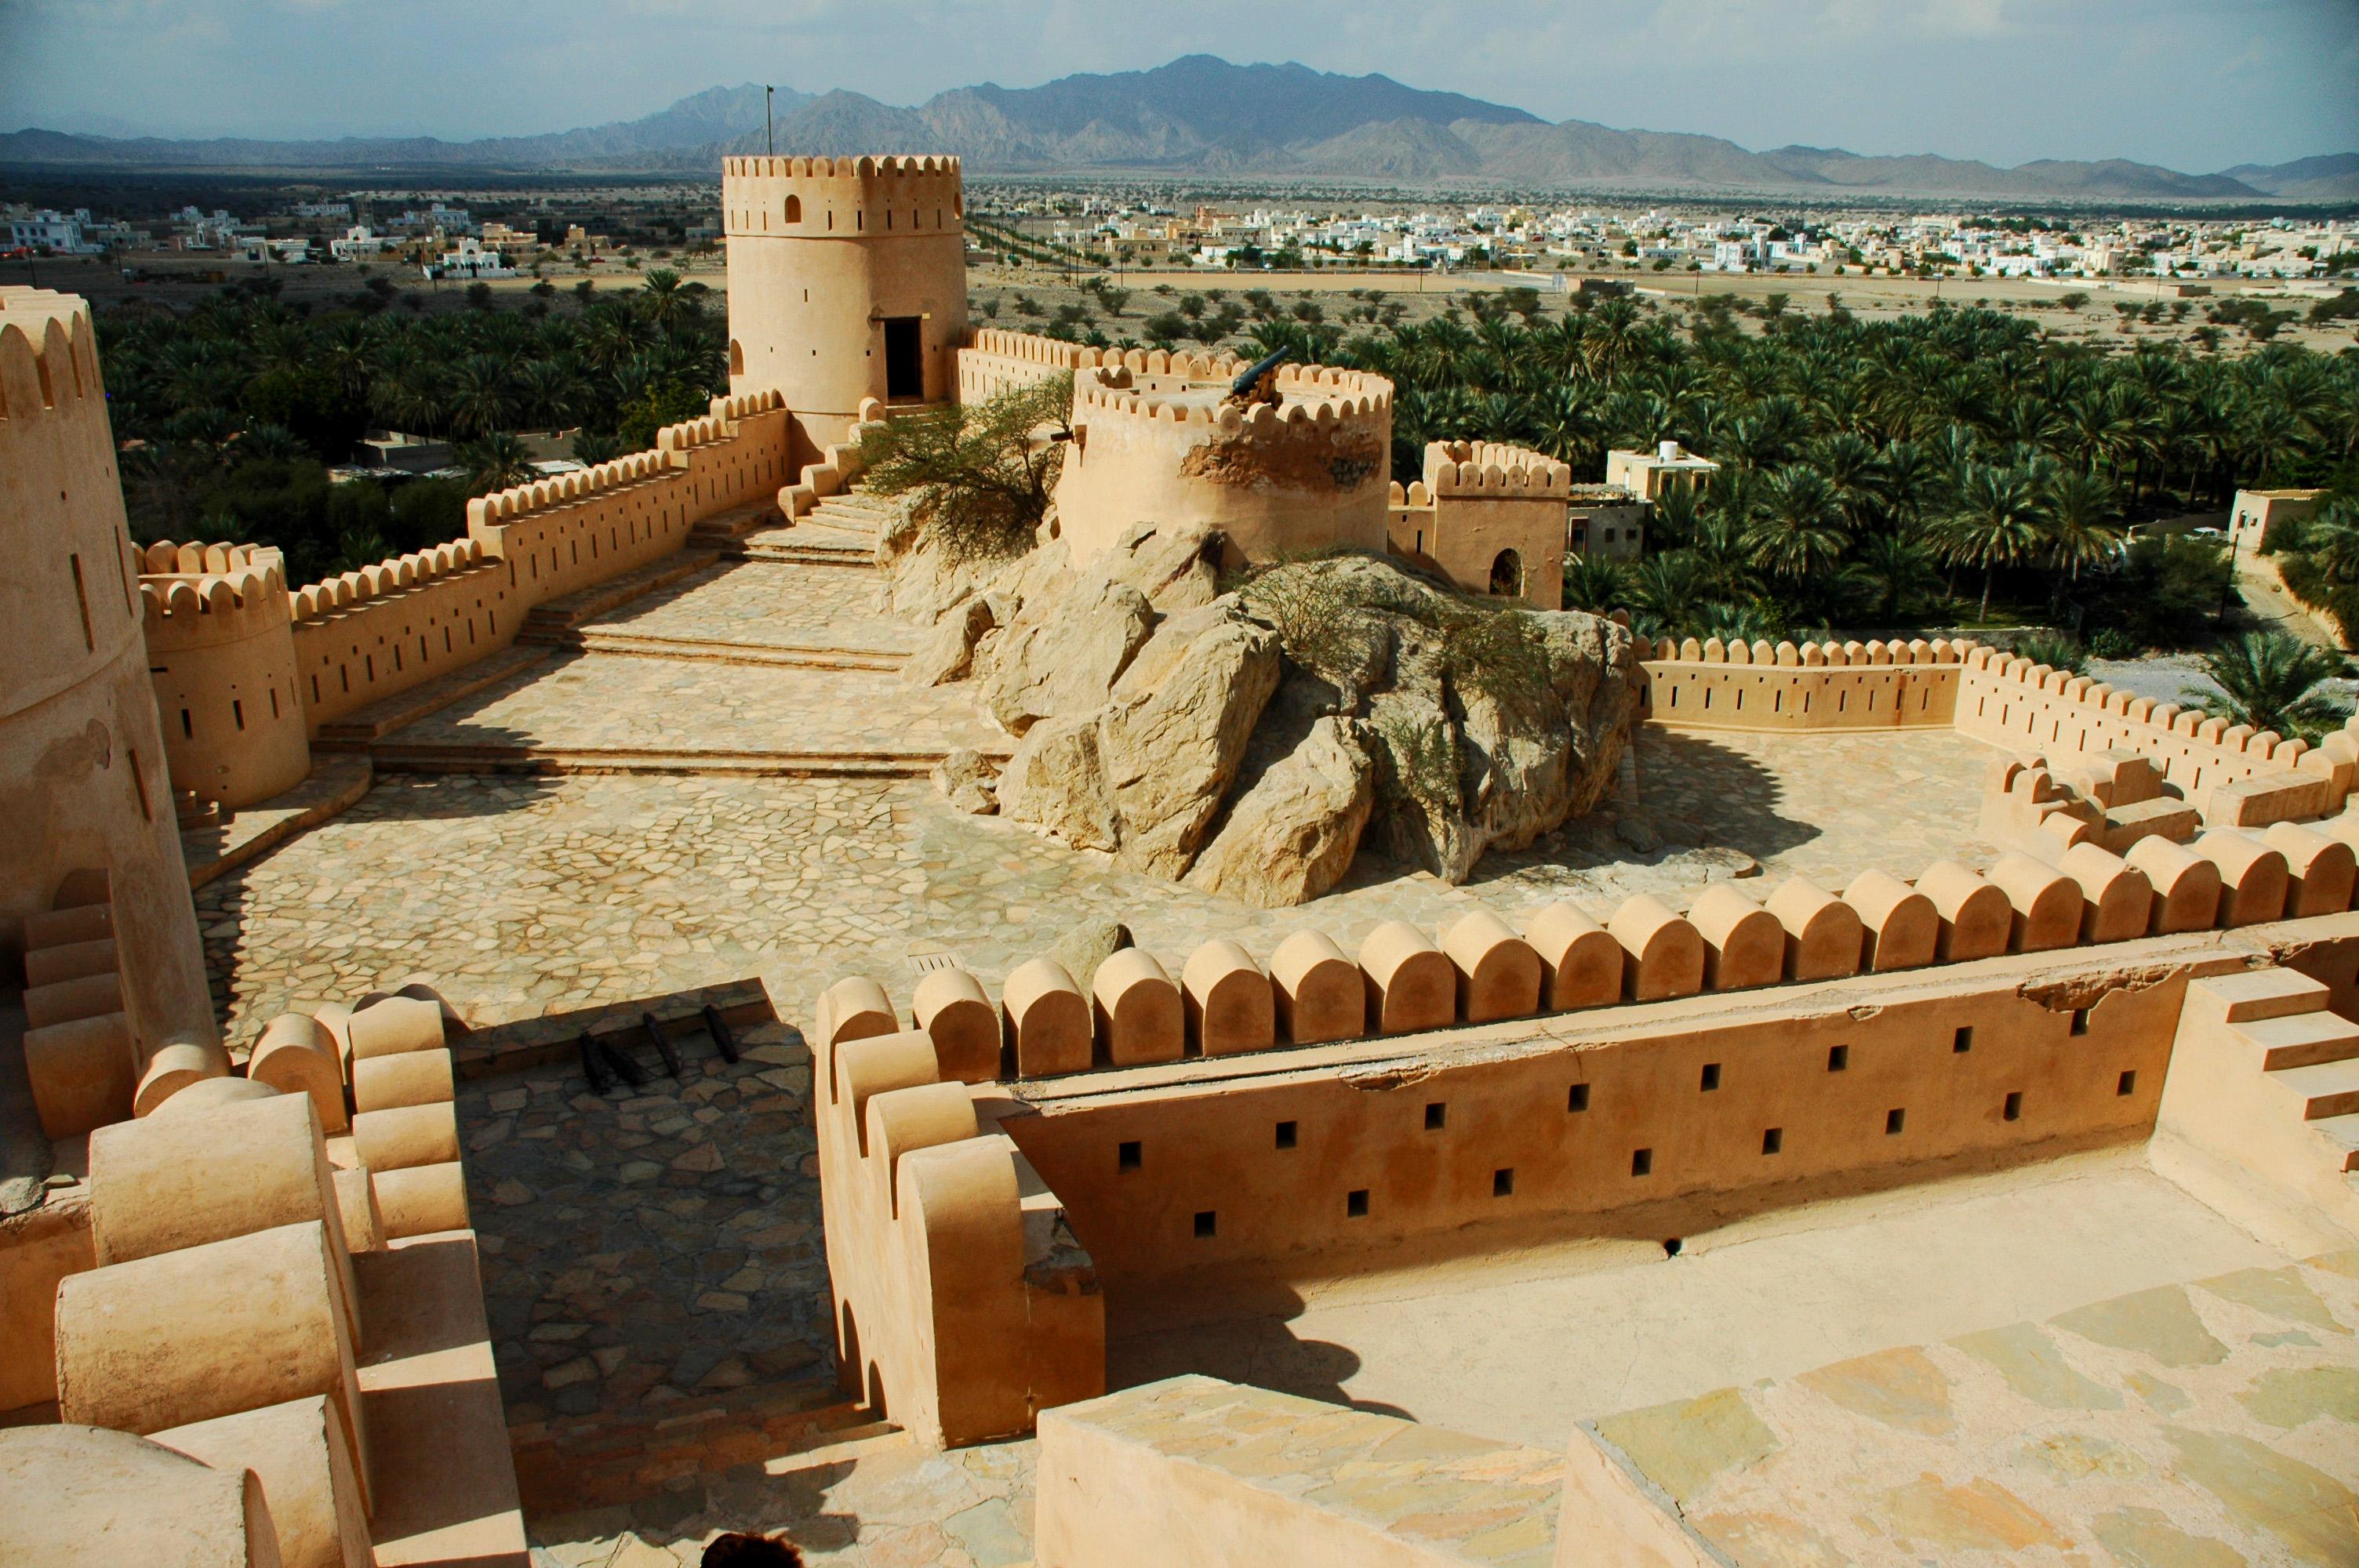 Nakhal Fort View © jonovernon-powell.com